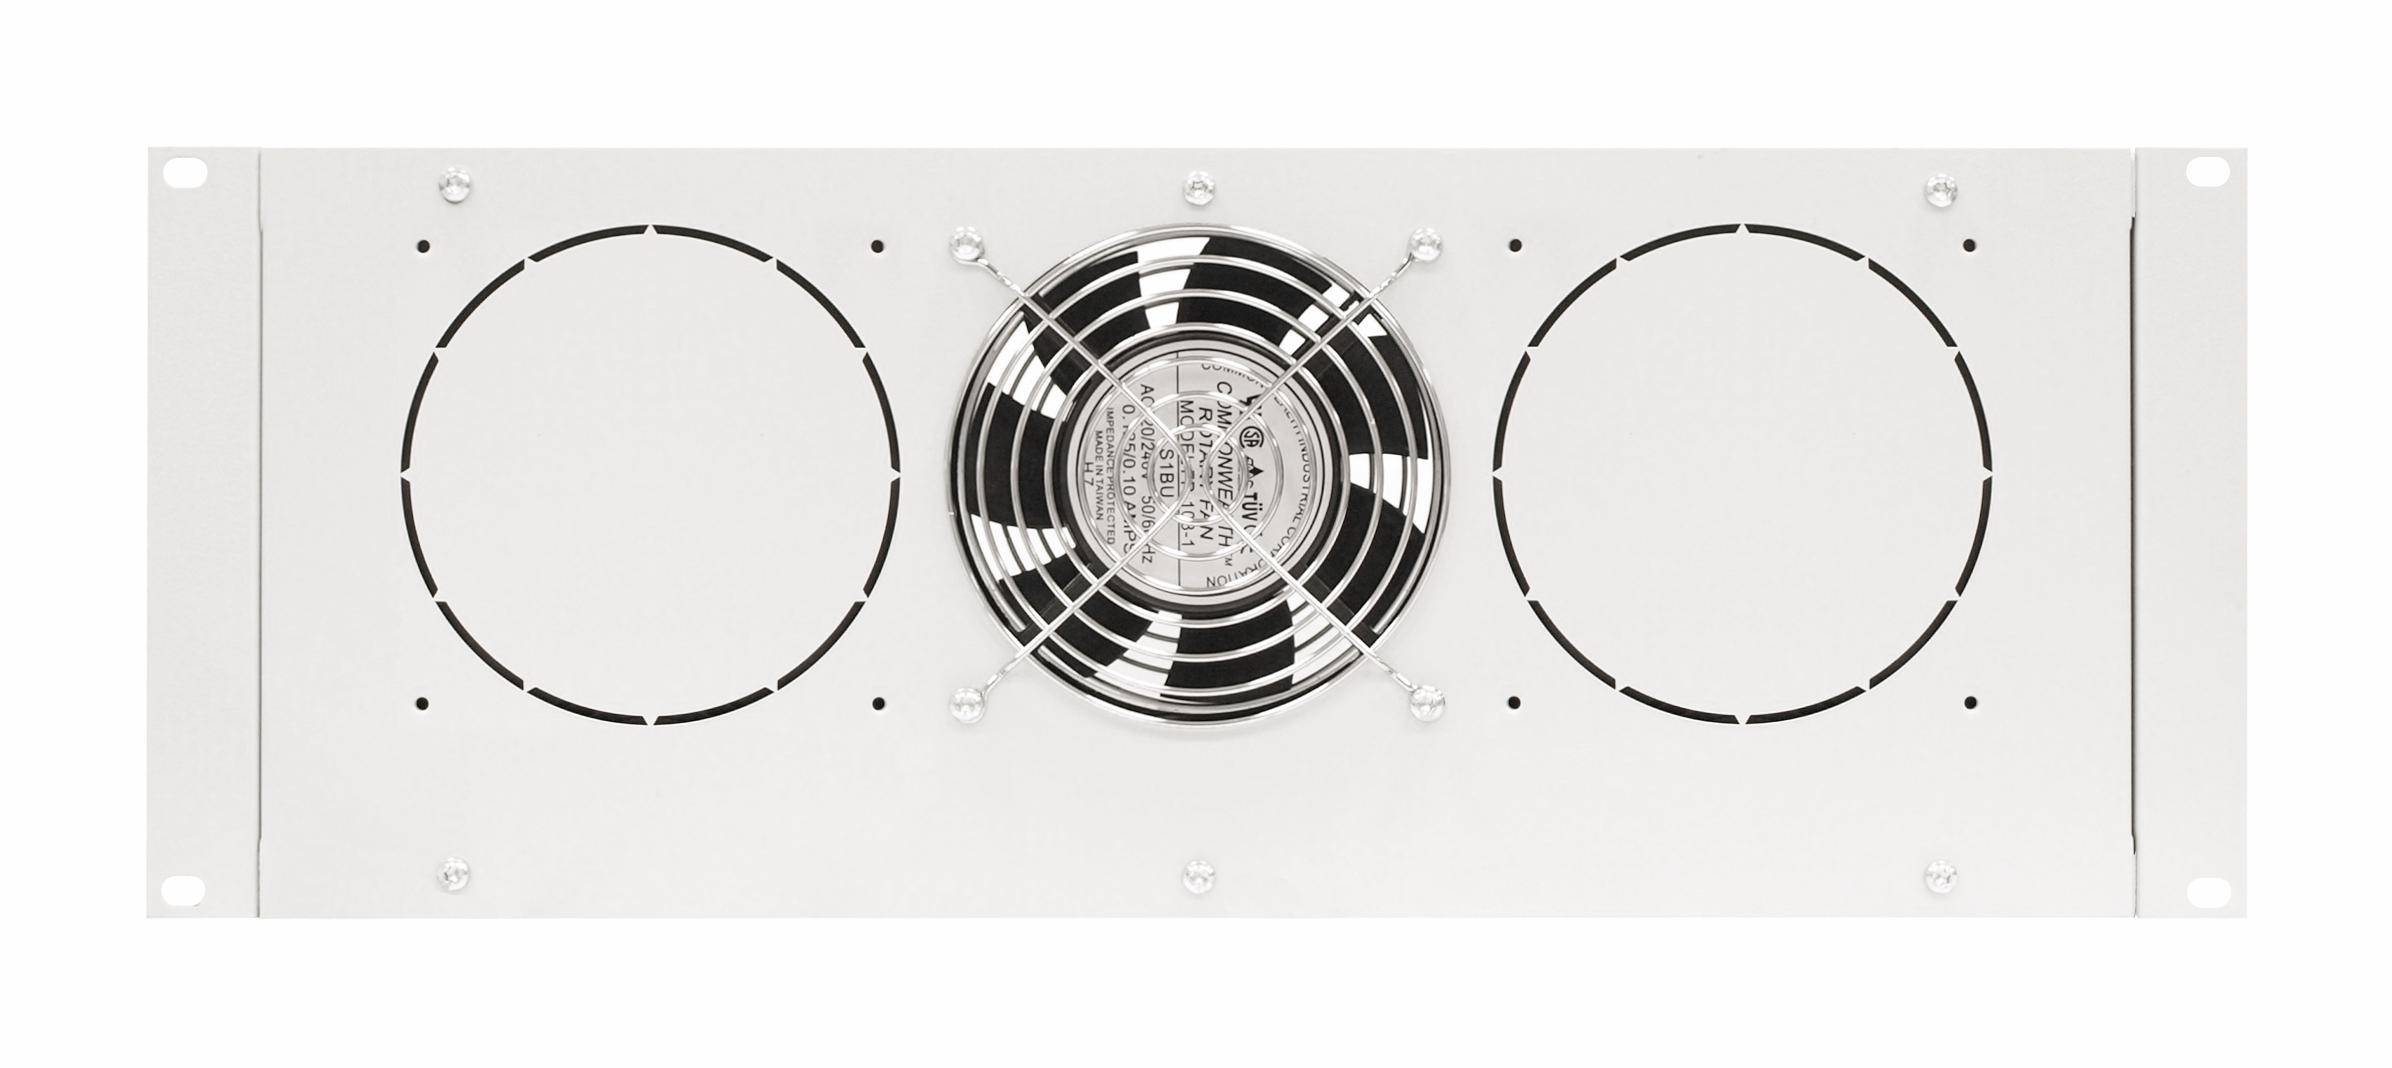 1 Stk Dachlüfter mit 1 Ventilator u. Thermostat, 19, 4HE, RAL7035 DLT44801-A